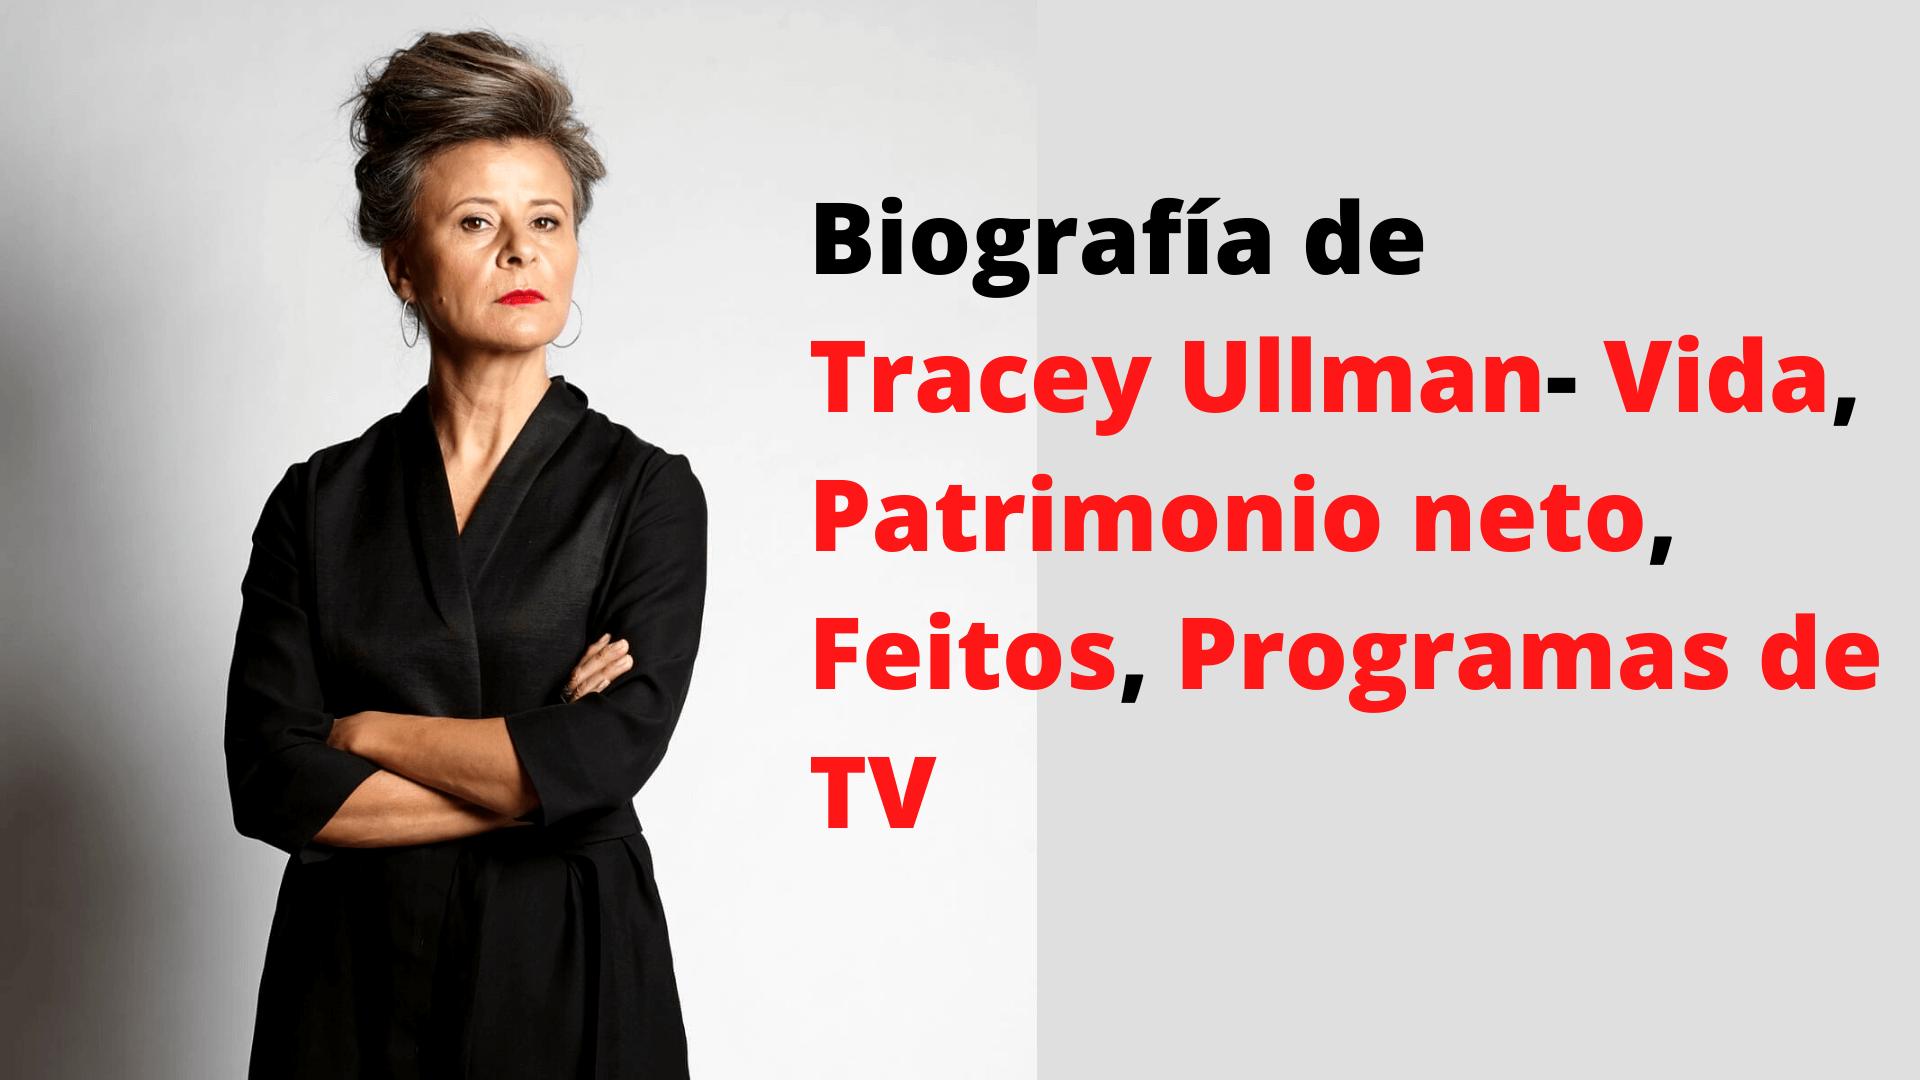 Biografía de Tracey Ullman- Vida, Patrimonio neto, Feitos, Programas de TV